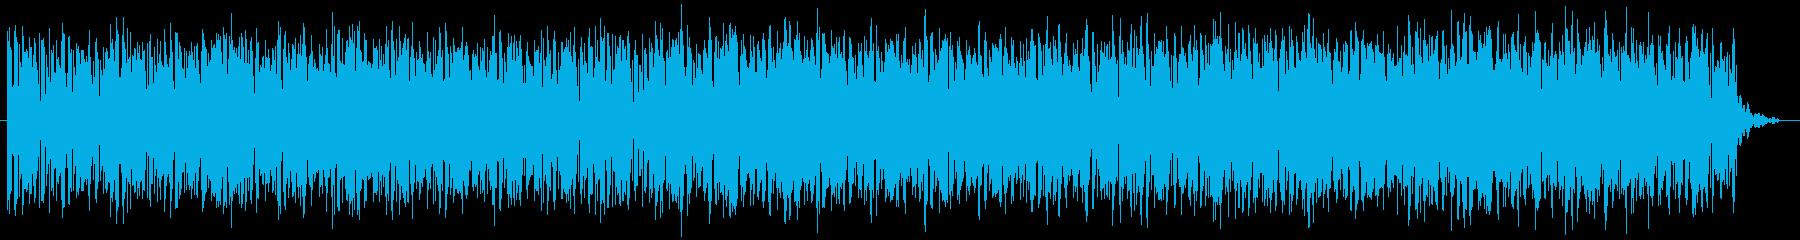 ピアノメインのハウスグルーブの再生済みの波形